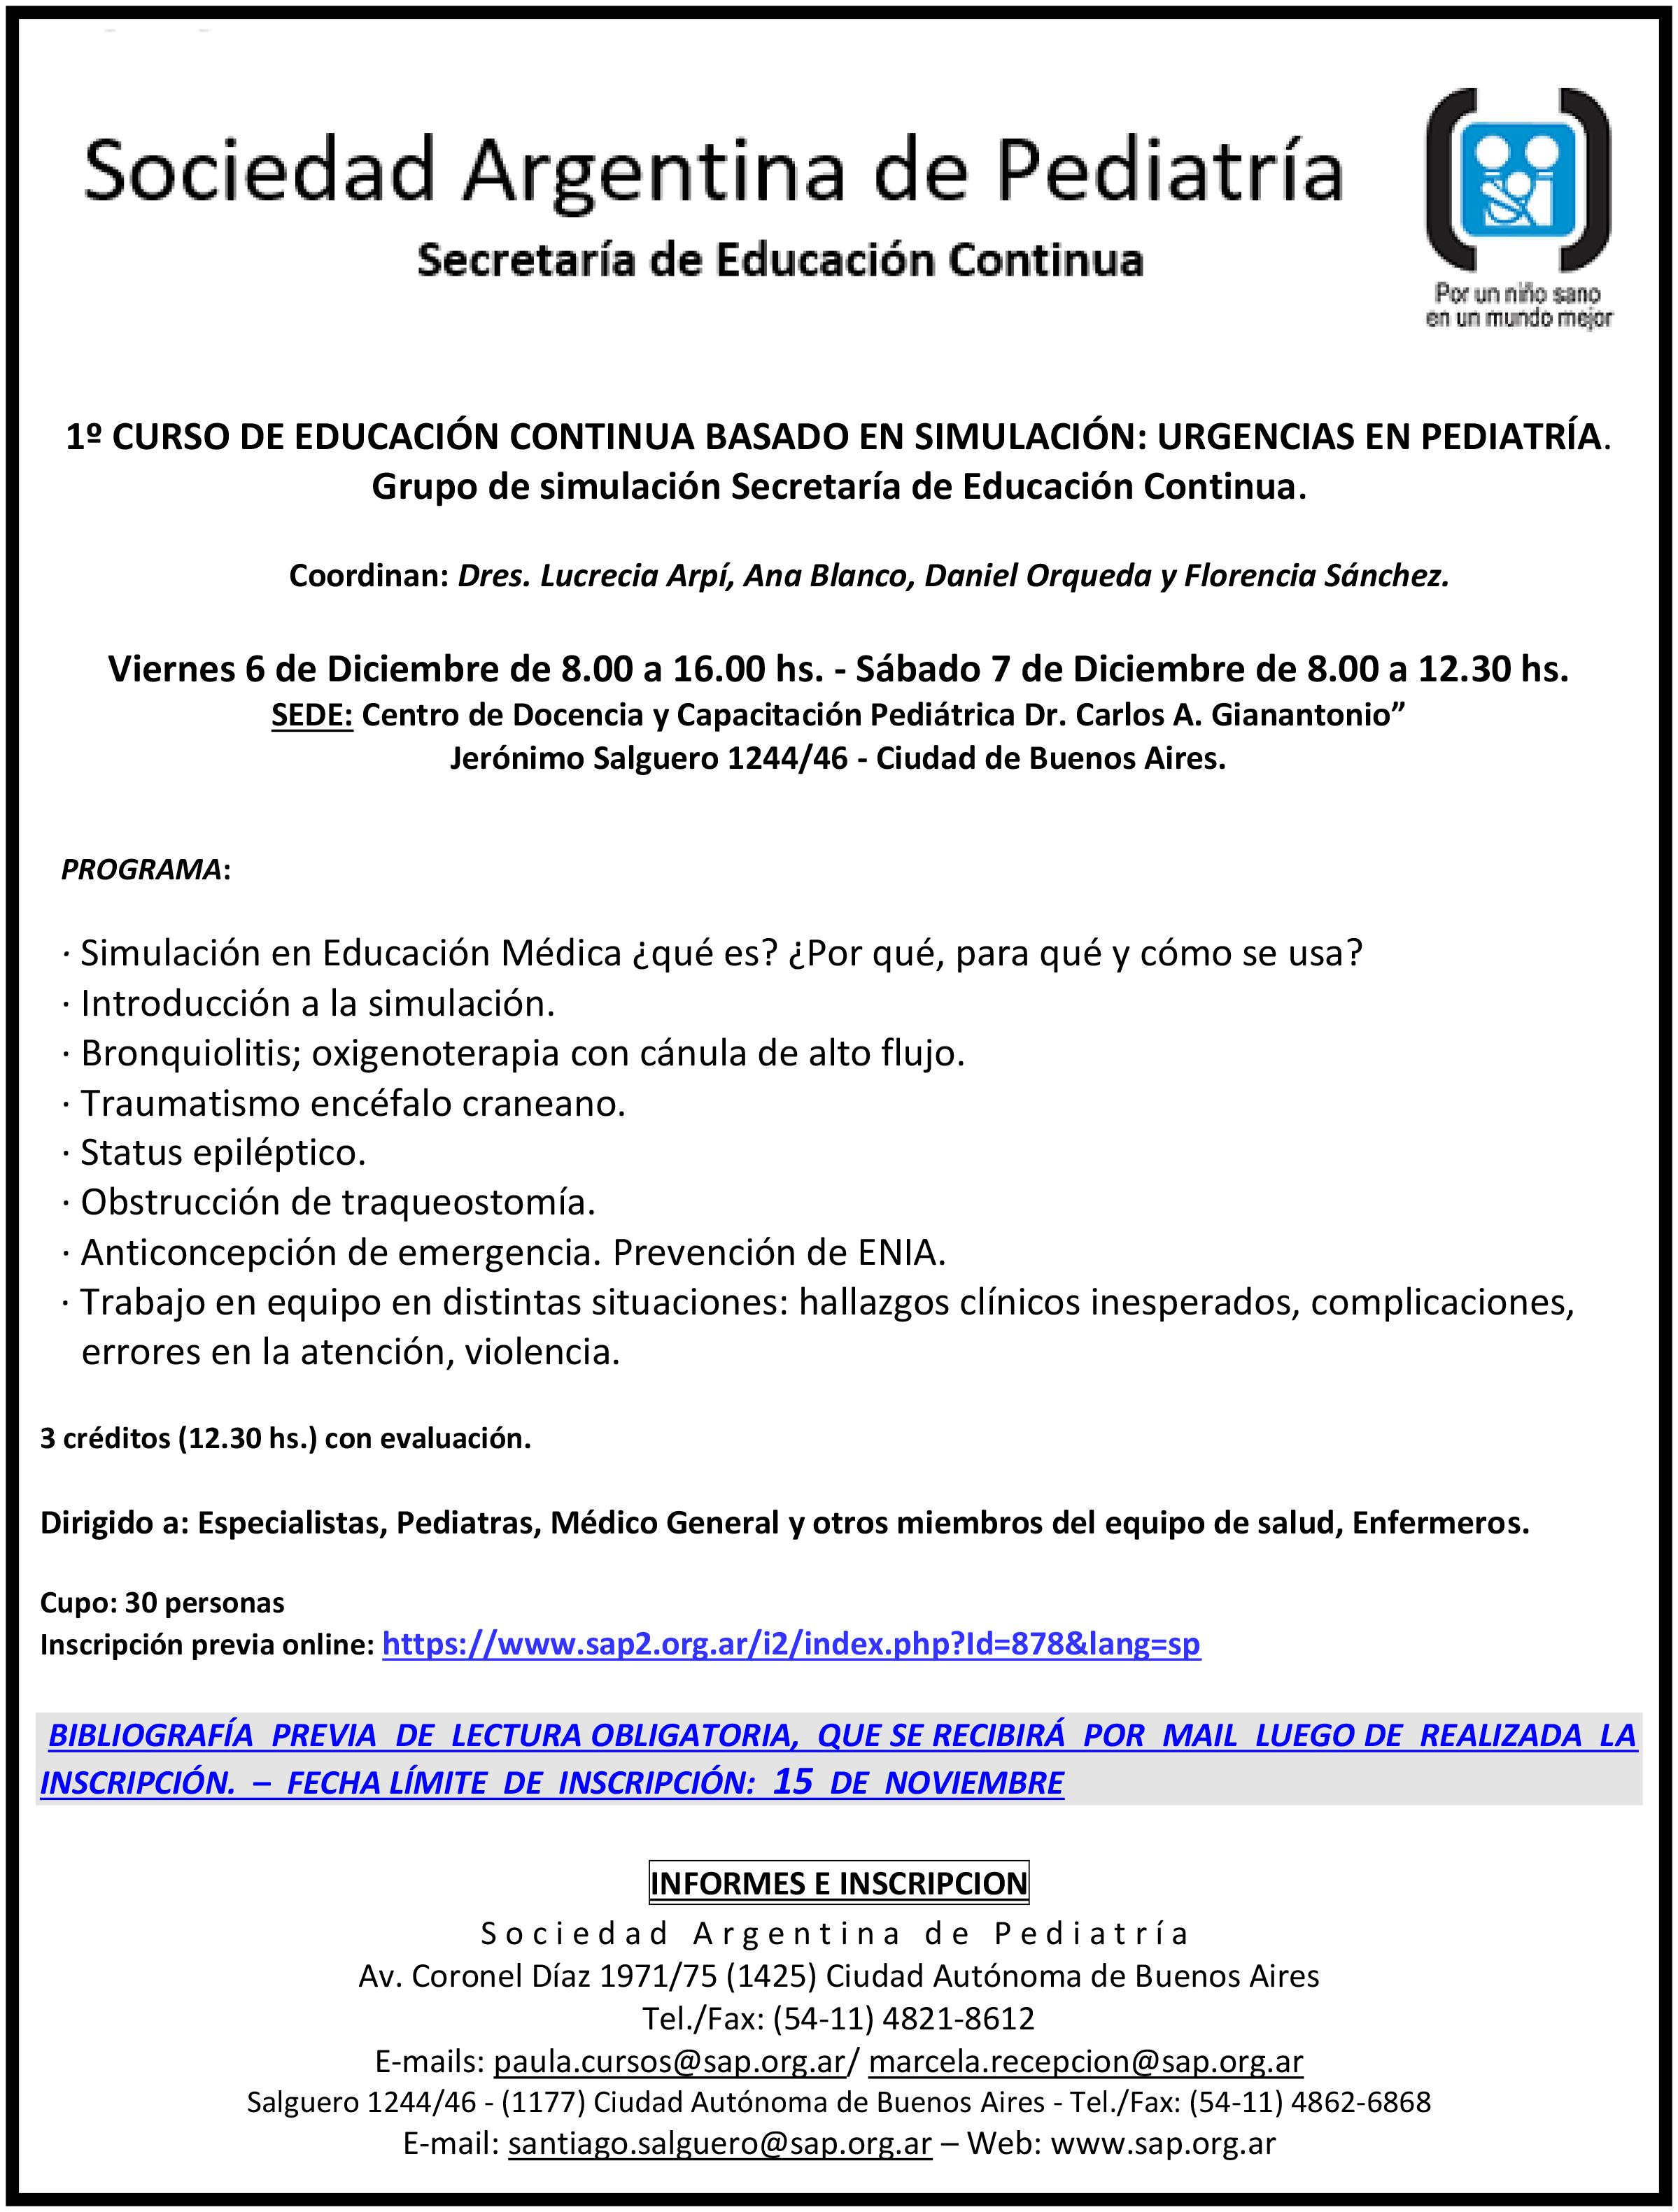 Sociedad Argentina De Pediatria Educacion Continua Actividades Presenciales 1º Curso De Educacion Continua Basado En Simulacion Urgencias En Pediatria